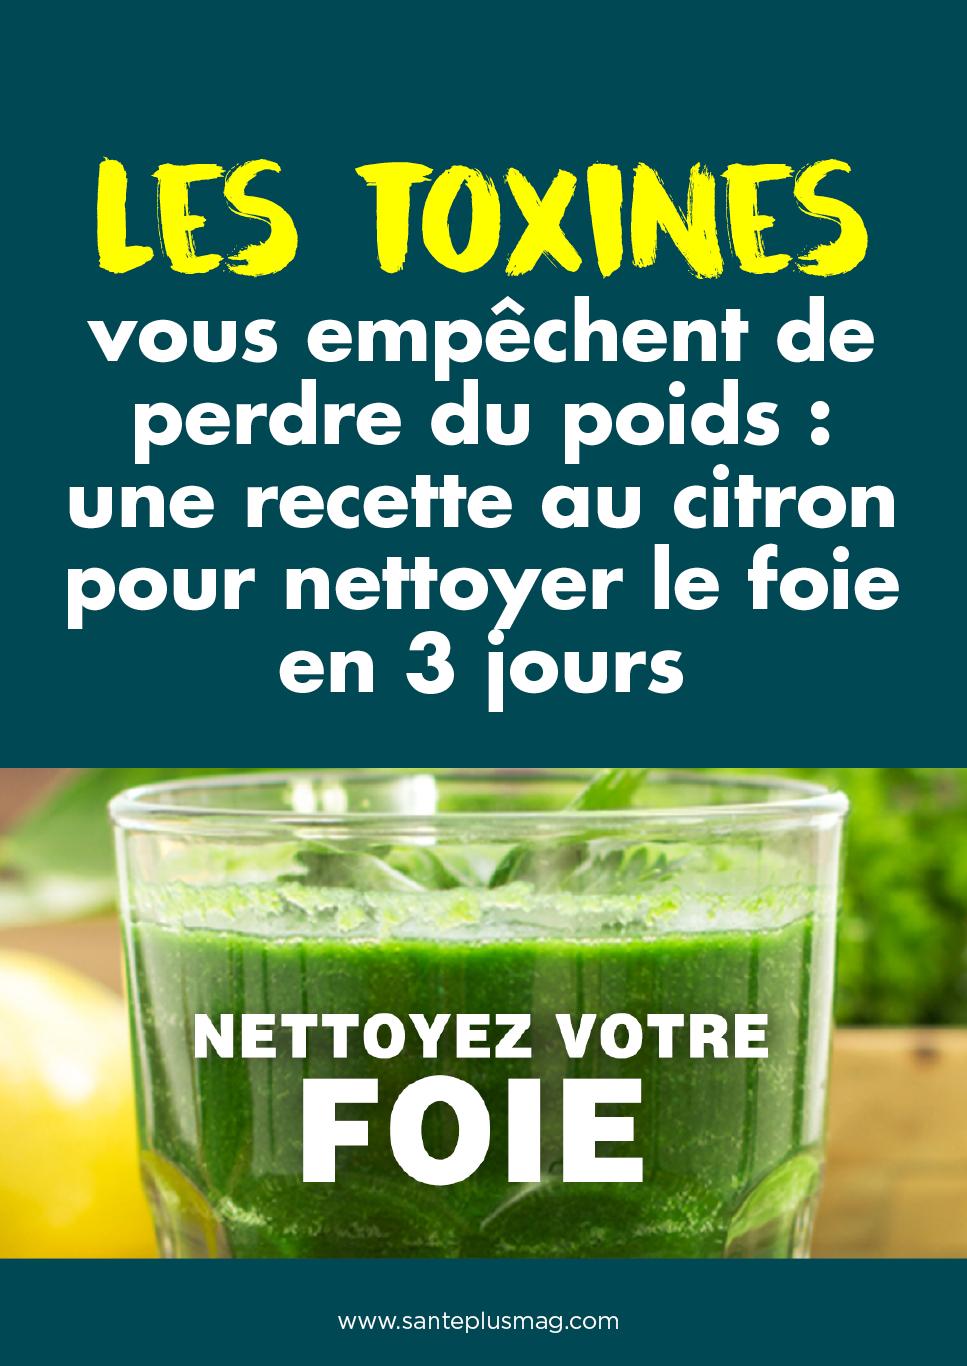 Les toxines vous empêchent de perdre du poids : une